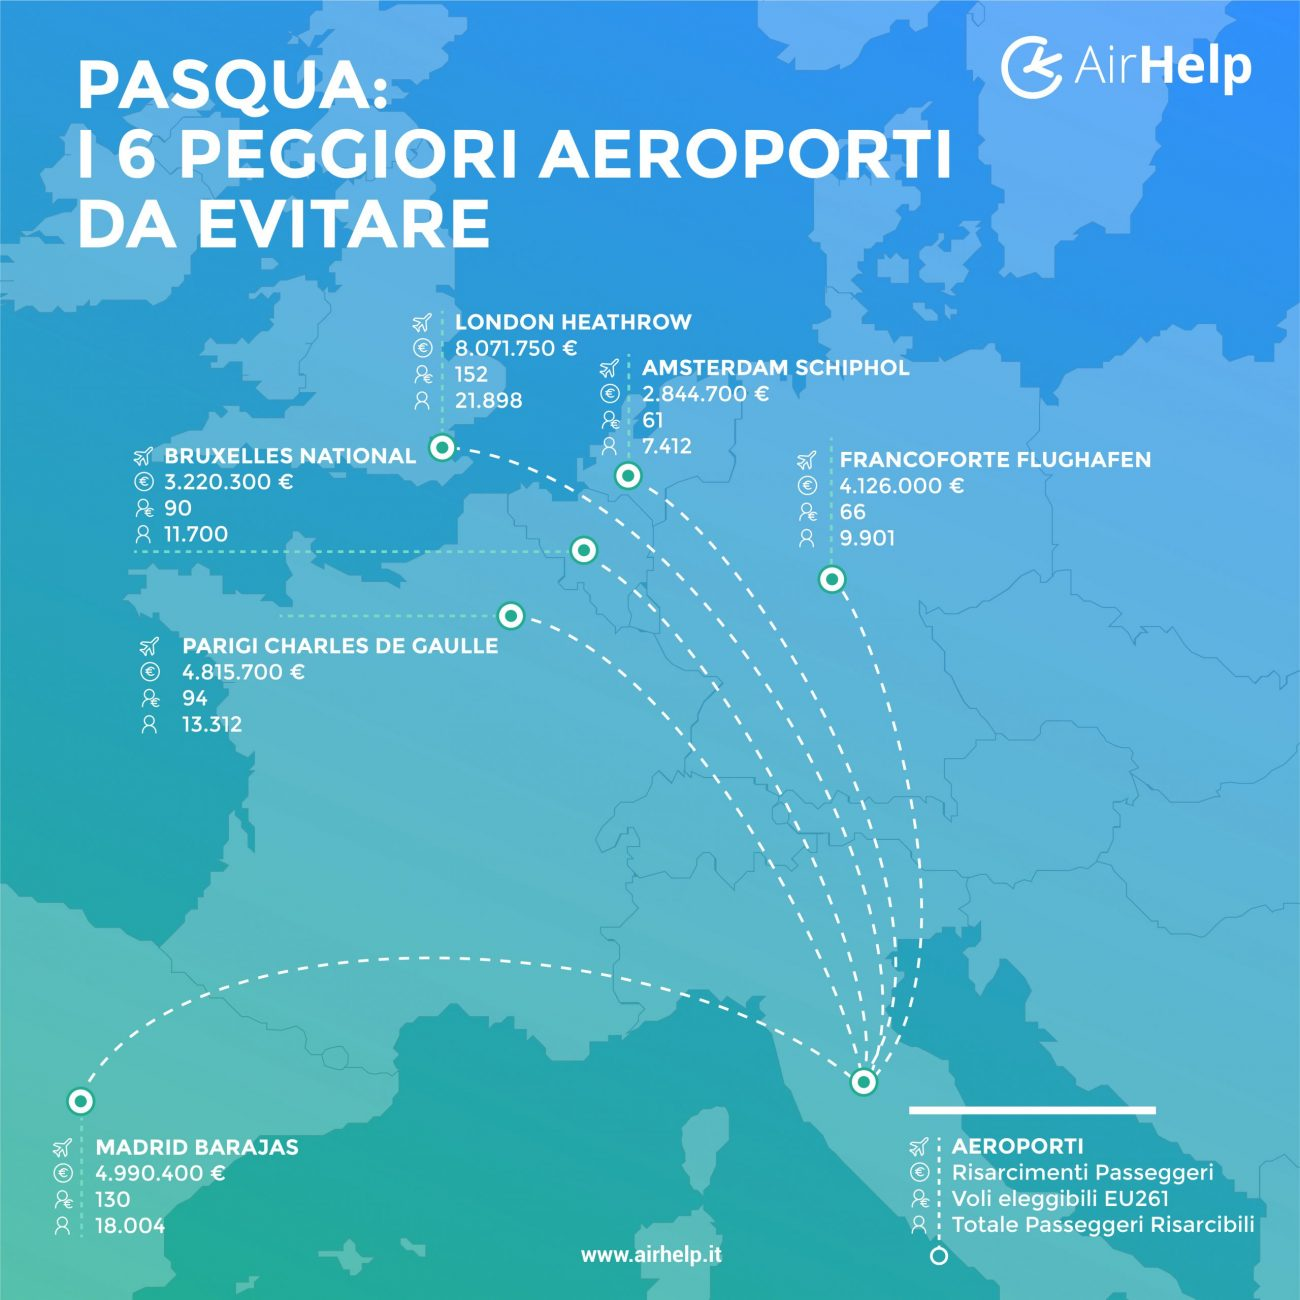 Vacanze, tutti gli aeroporti da evitare secondo AirHelp